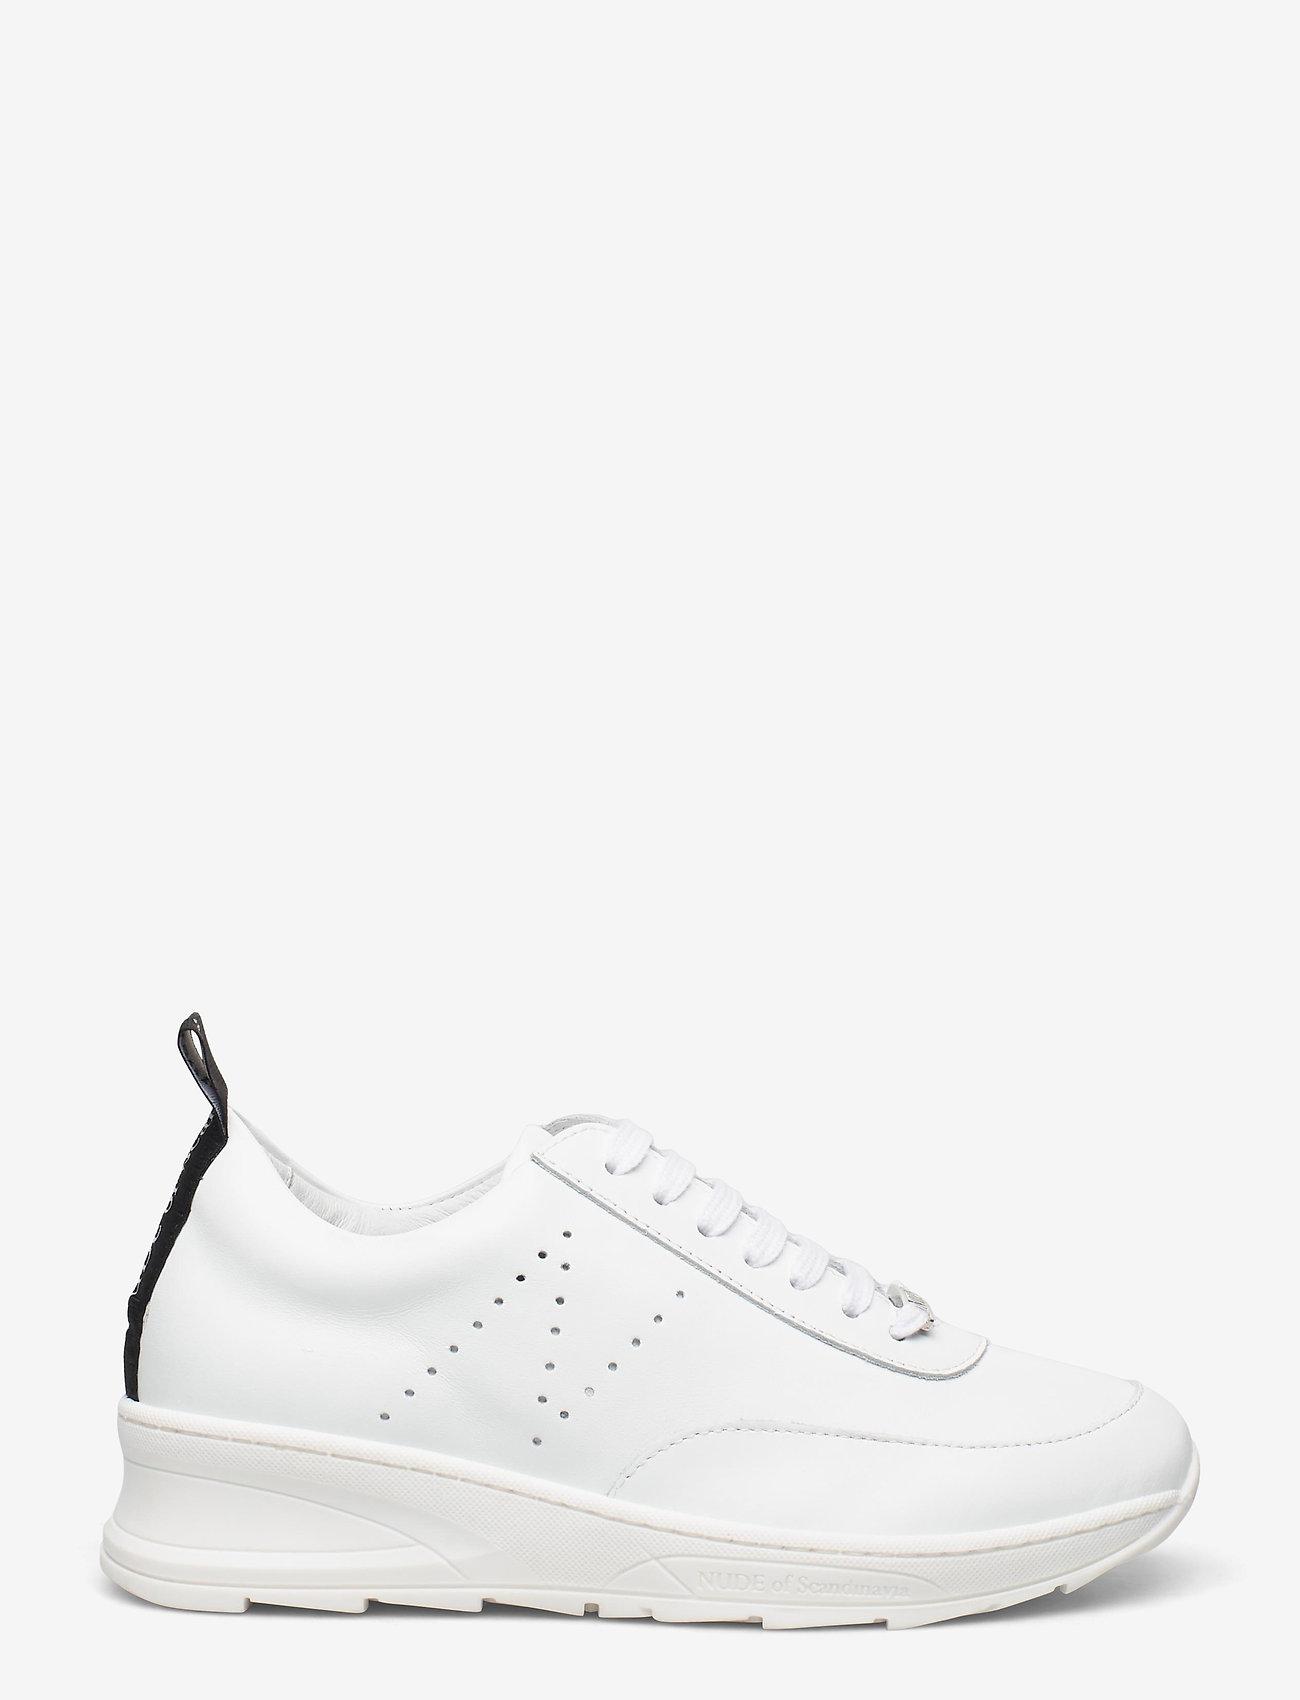 Nude of Scandinavia - PEGGY - låga sneakers - softy / bianco - 1